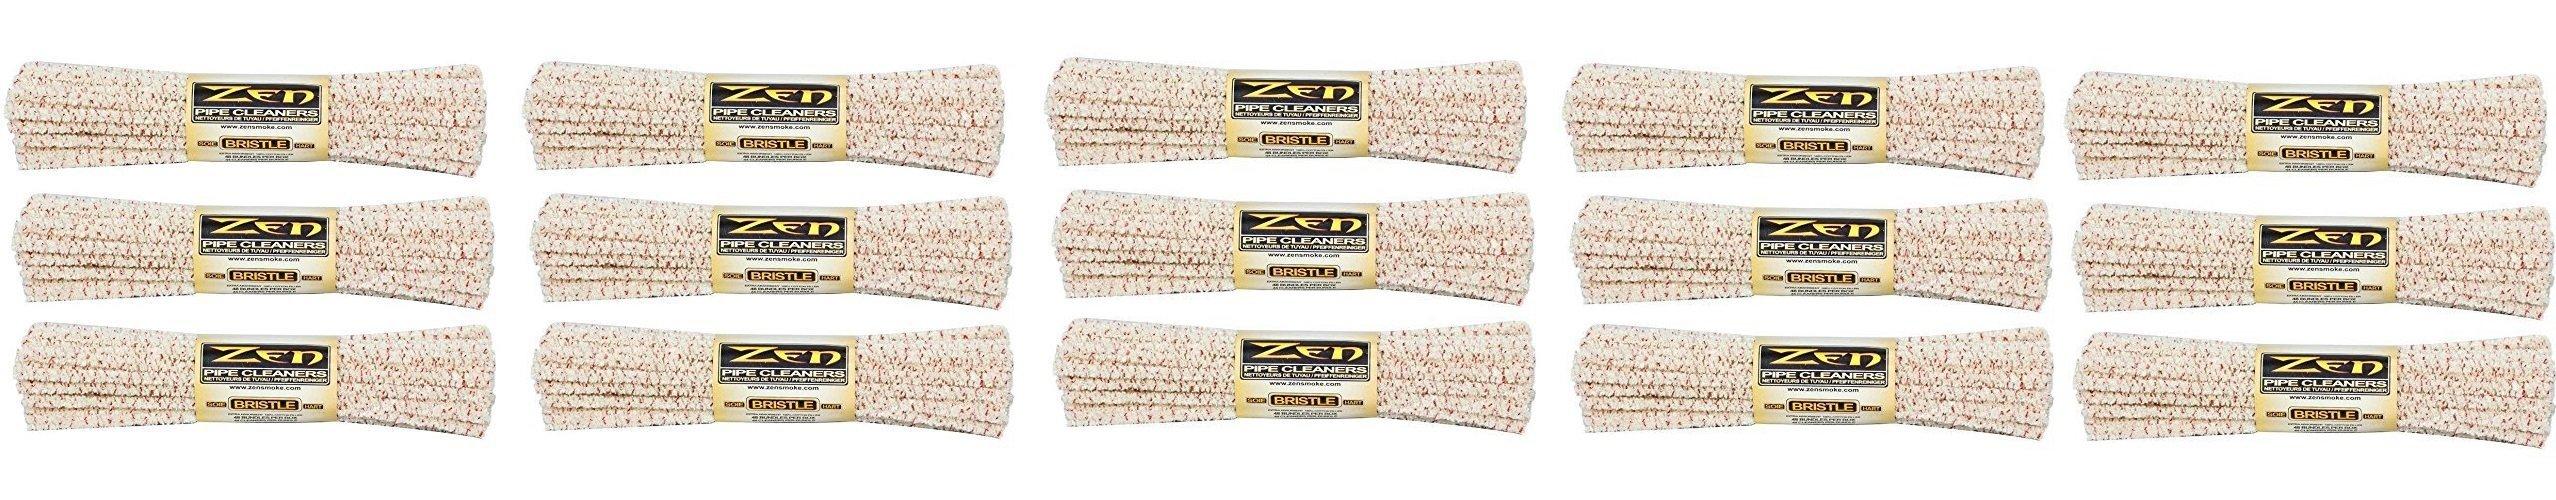 Zen Bundles Zen Pipe Cleaners Hard Bristle sYCPHA, 660 Count by Zen